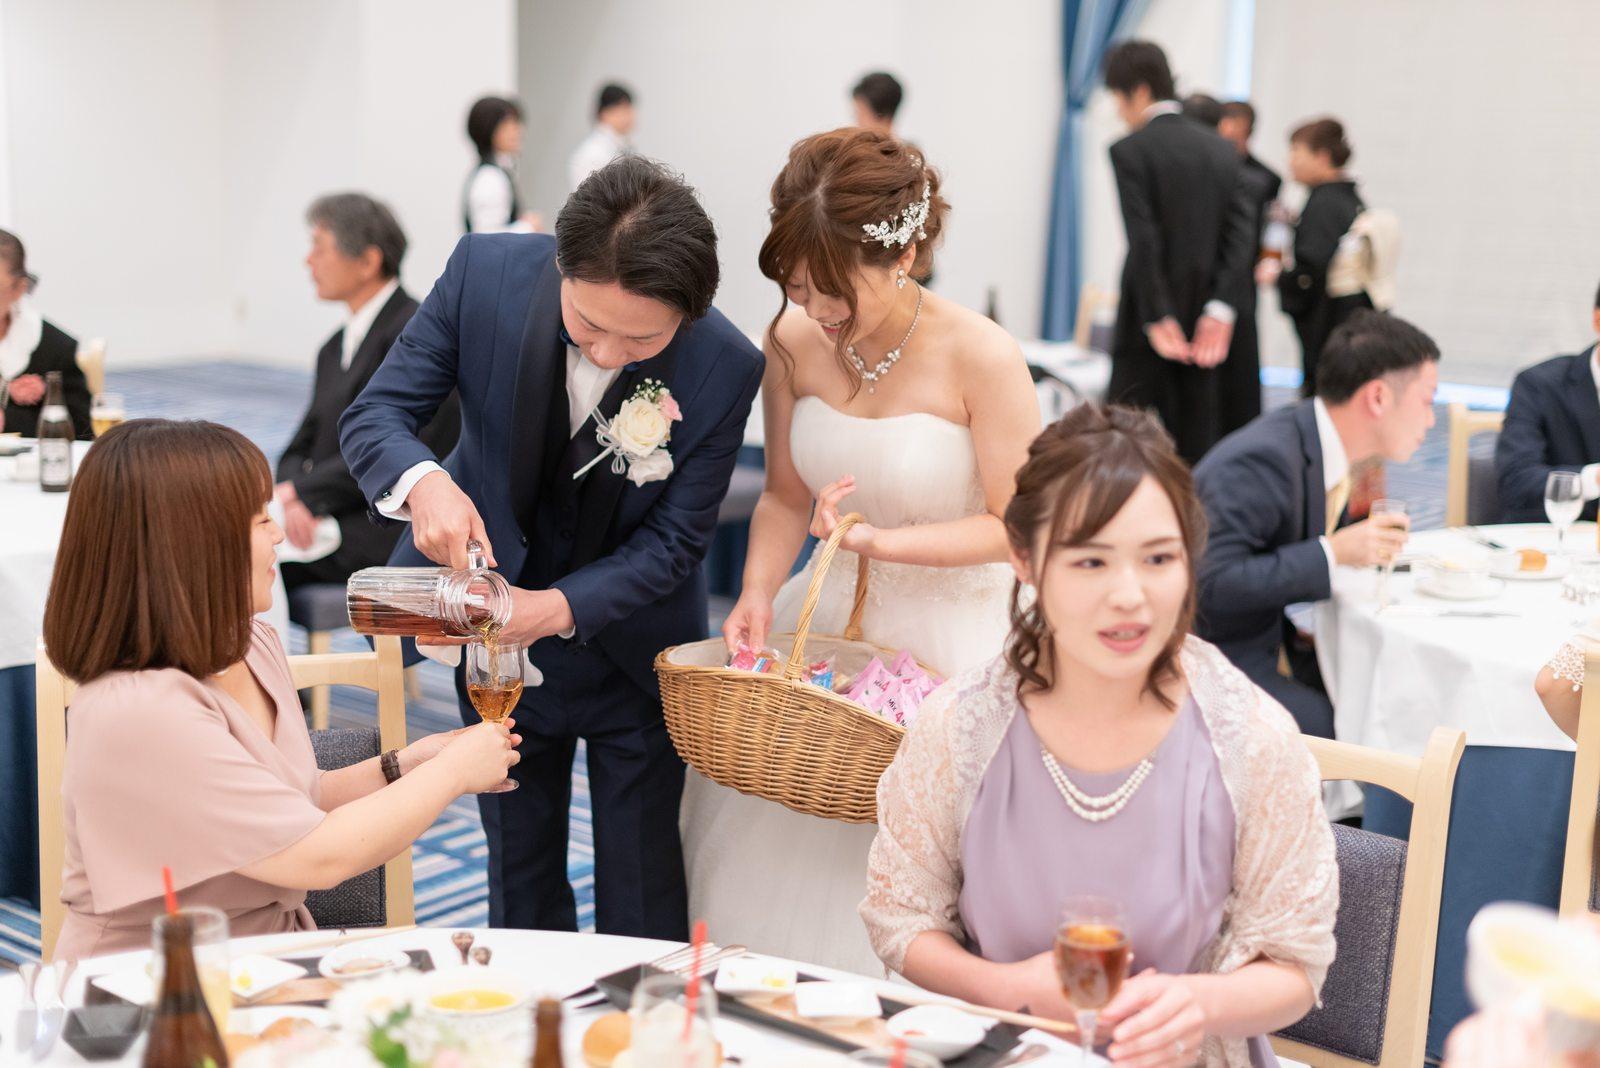 香川県の結婚式場のシェルエメール&アイスタイルのお酌まわり